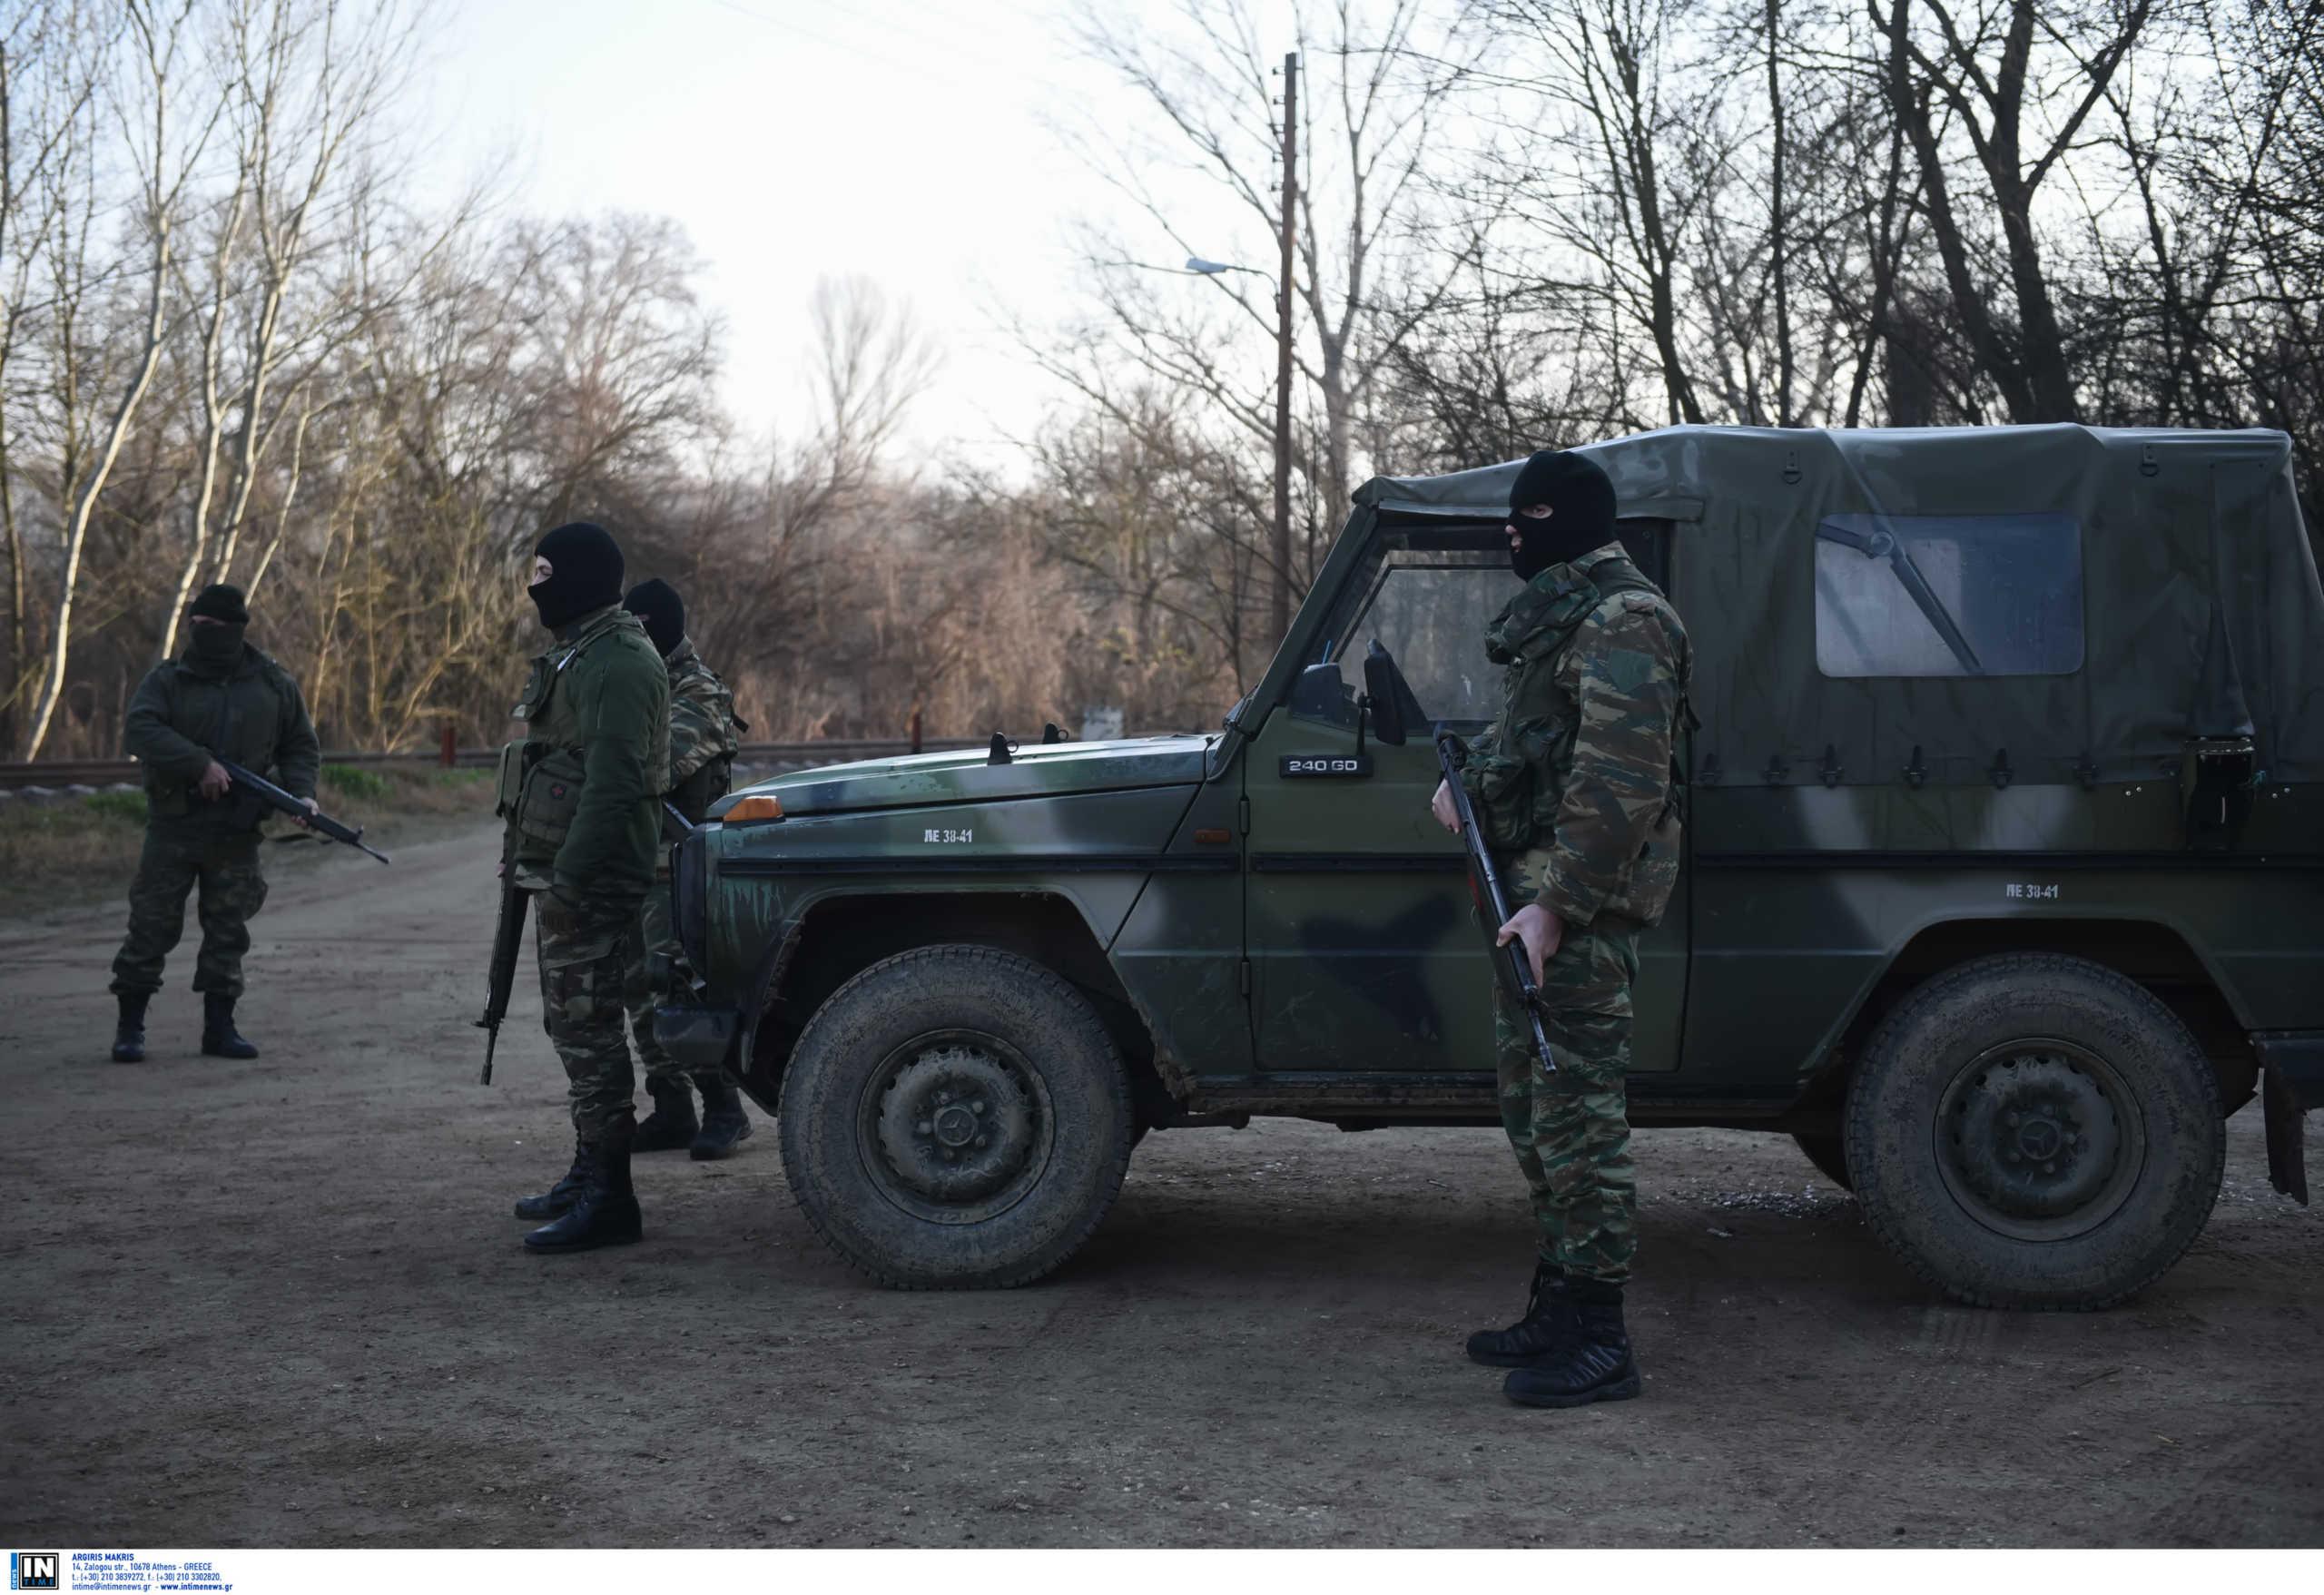 Έβρος: Επιτήδειοι δηλώνουν ότι μαζεύουν χρήματα για τους στρατιώτες στα σύνορα